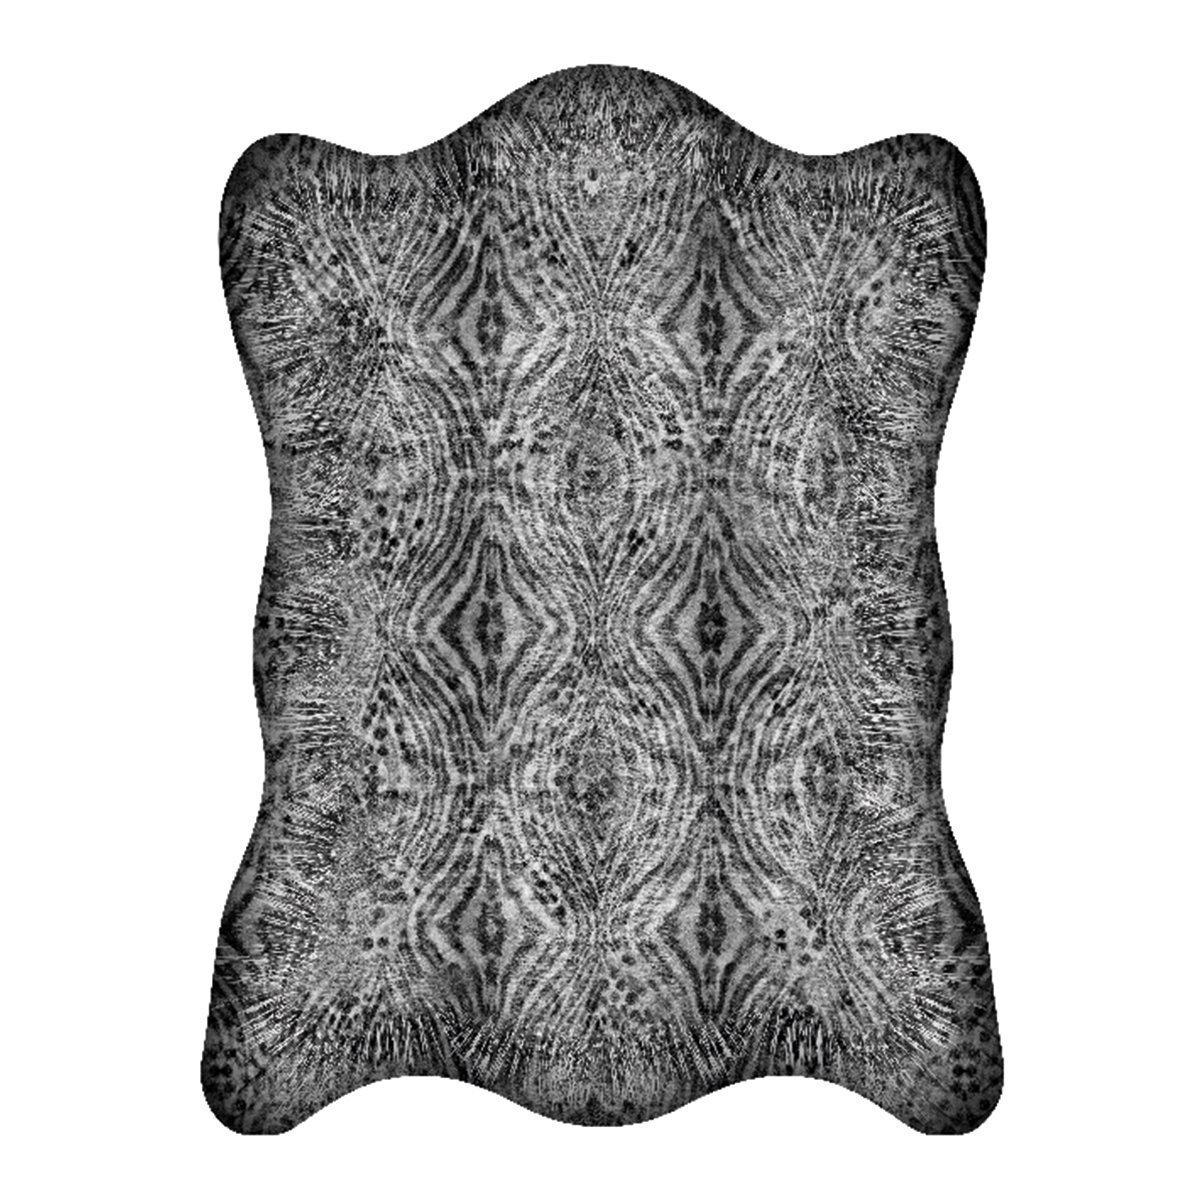 Moooi Carpets - Armoured Boar Vloerkleed